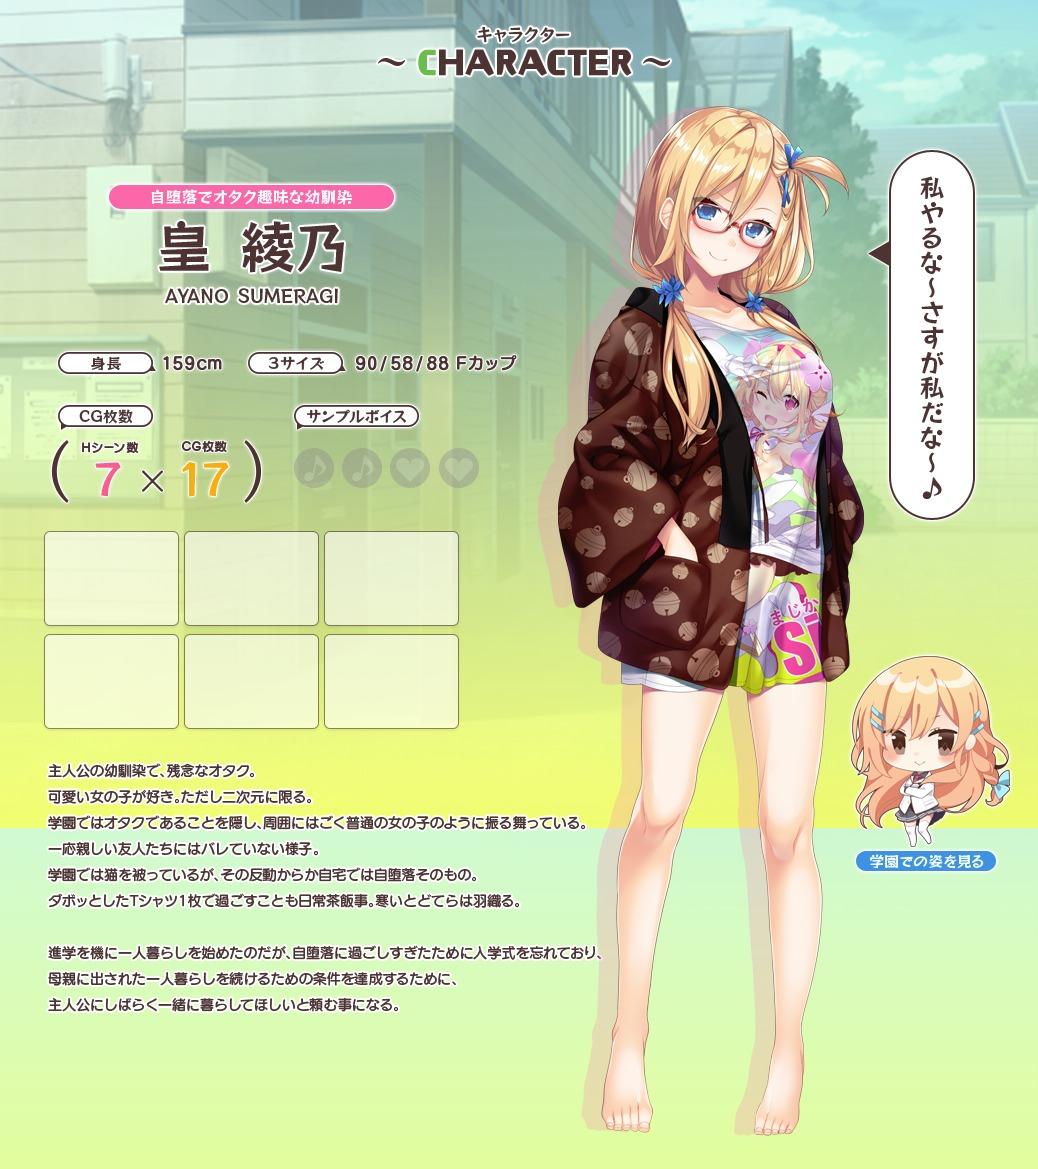 キャラクター アイカギ2